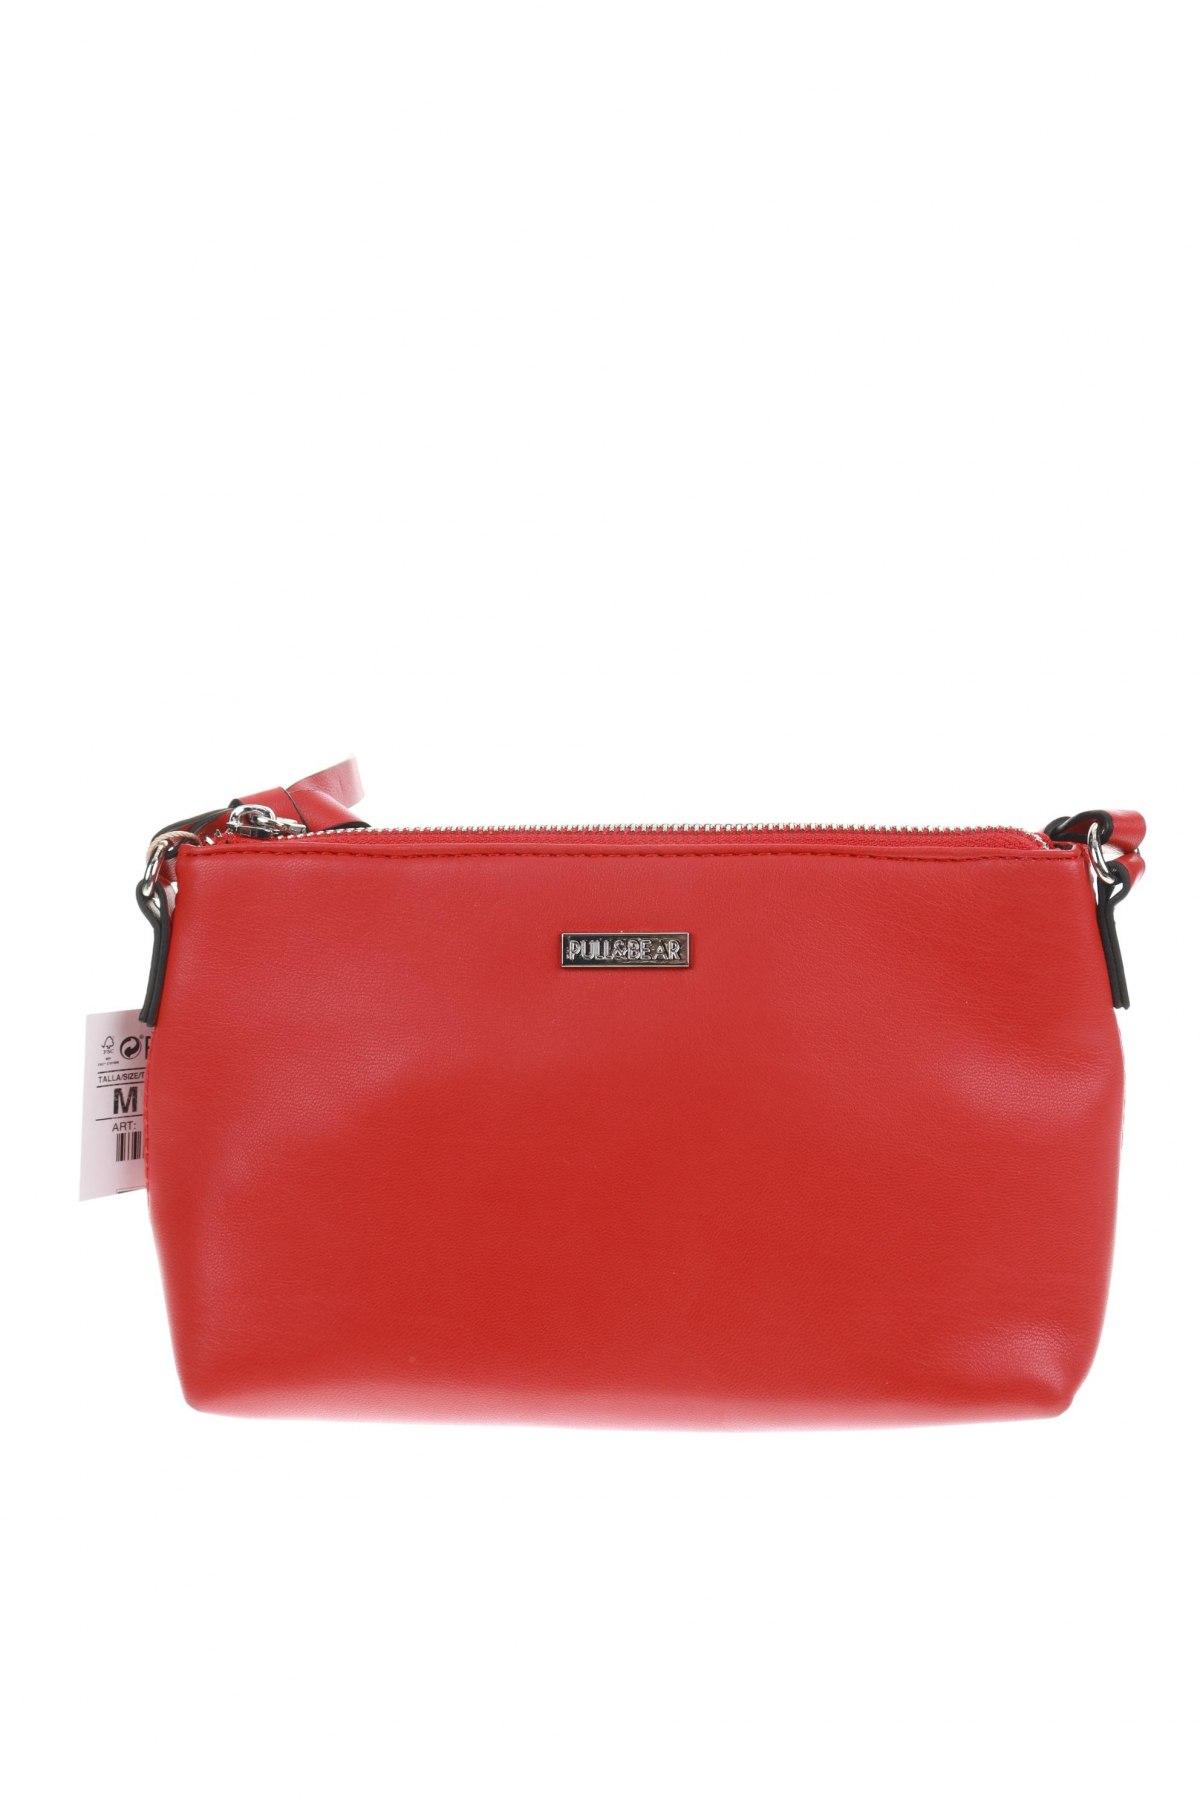 Дамска чанта Pull&Bear, Цвят Червен, Еко кожа, Цена 29,25лв.